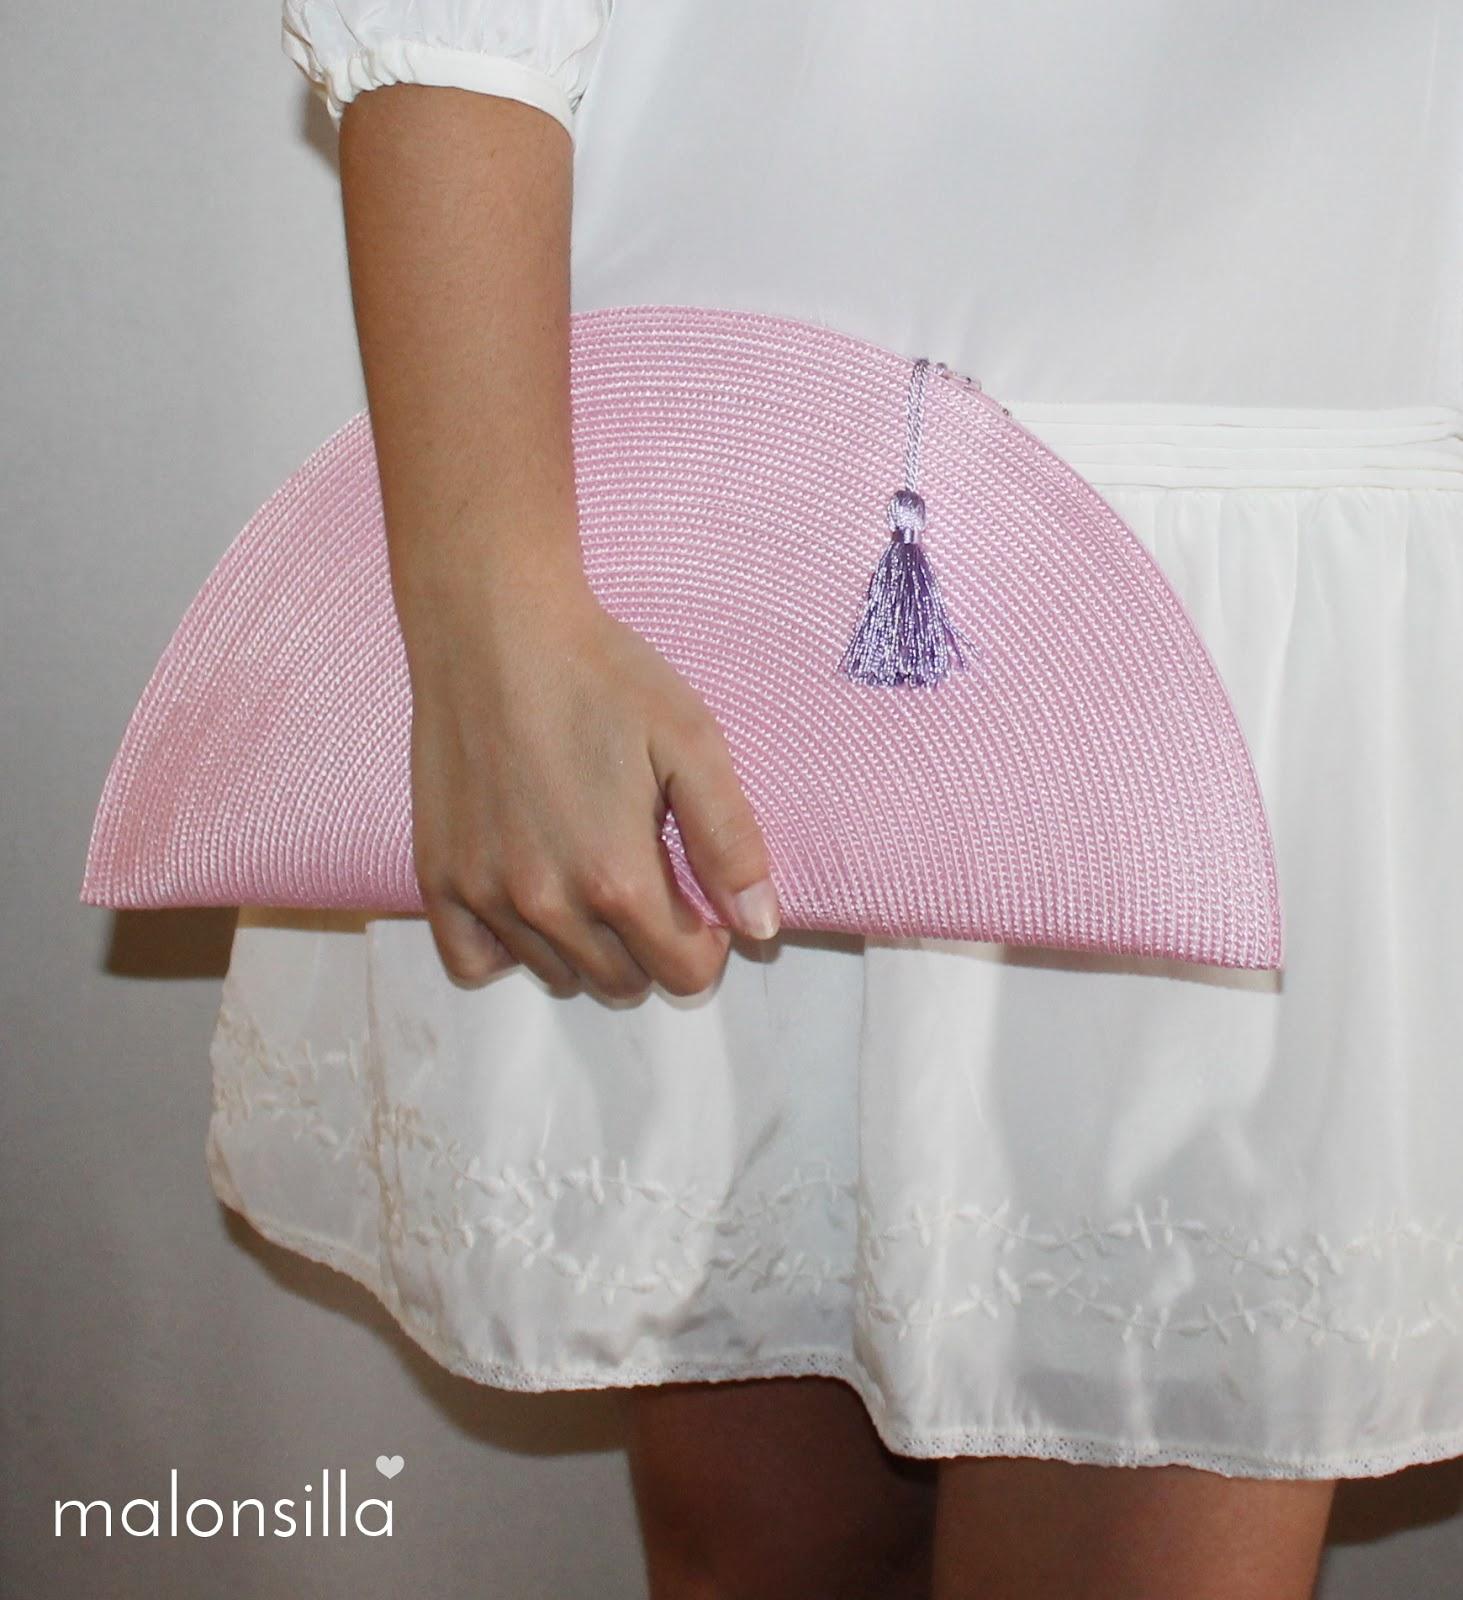 bolso en forma de abanico de rafia en rosa y malva